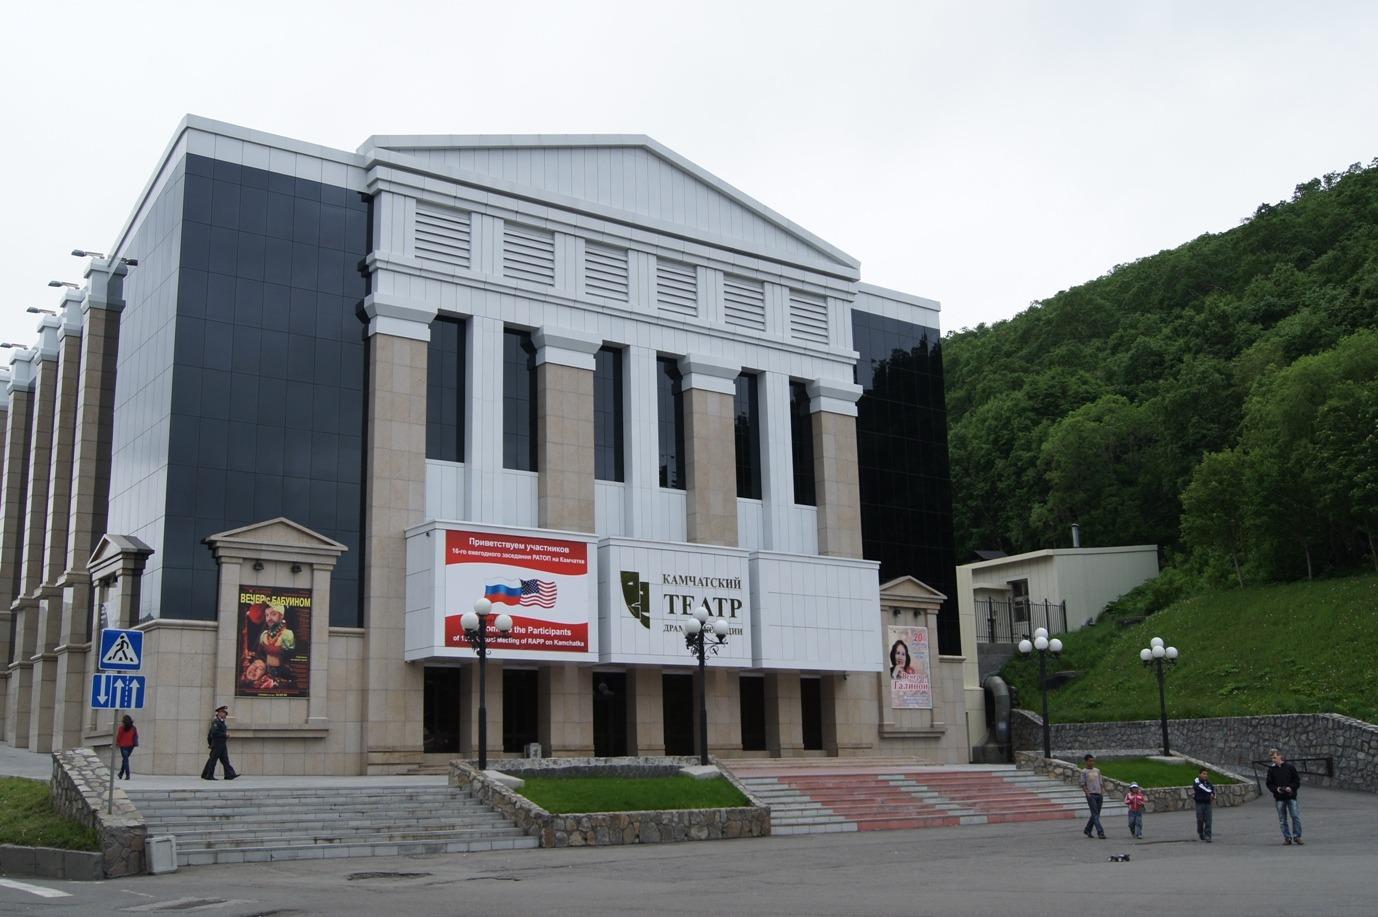 Афиша камчатский театр драмы и комедии театр чехова афиша серов